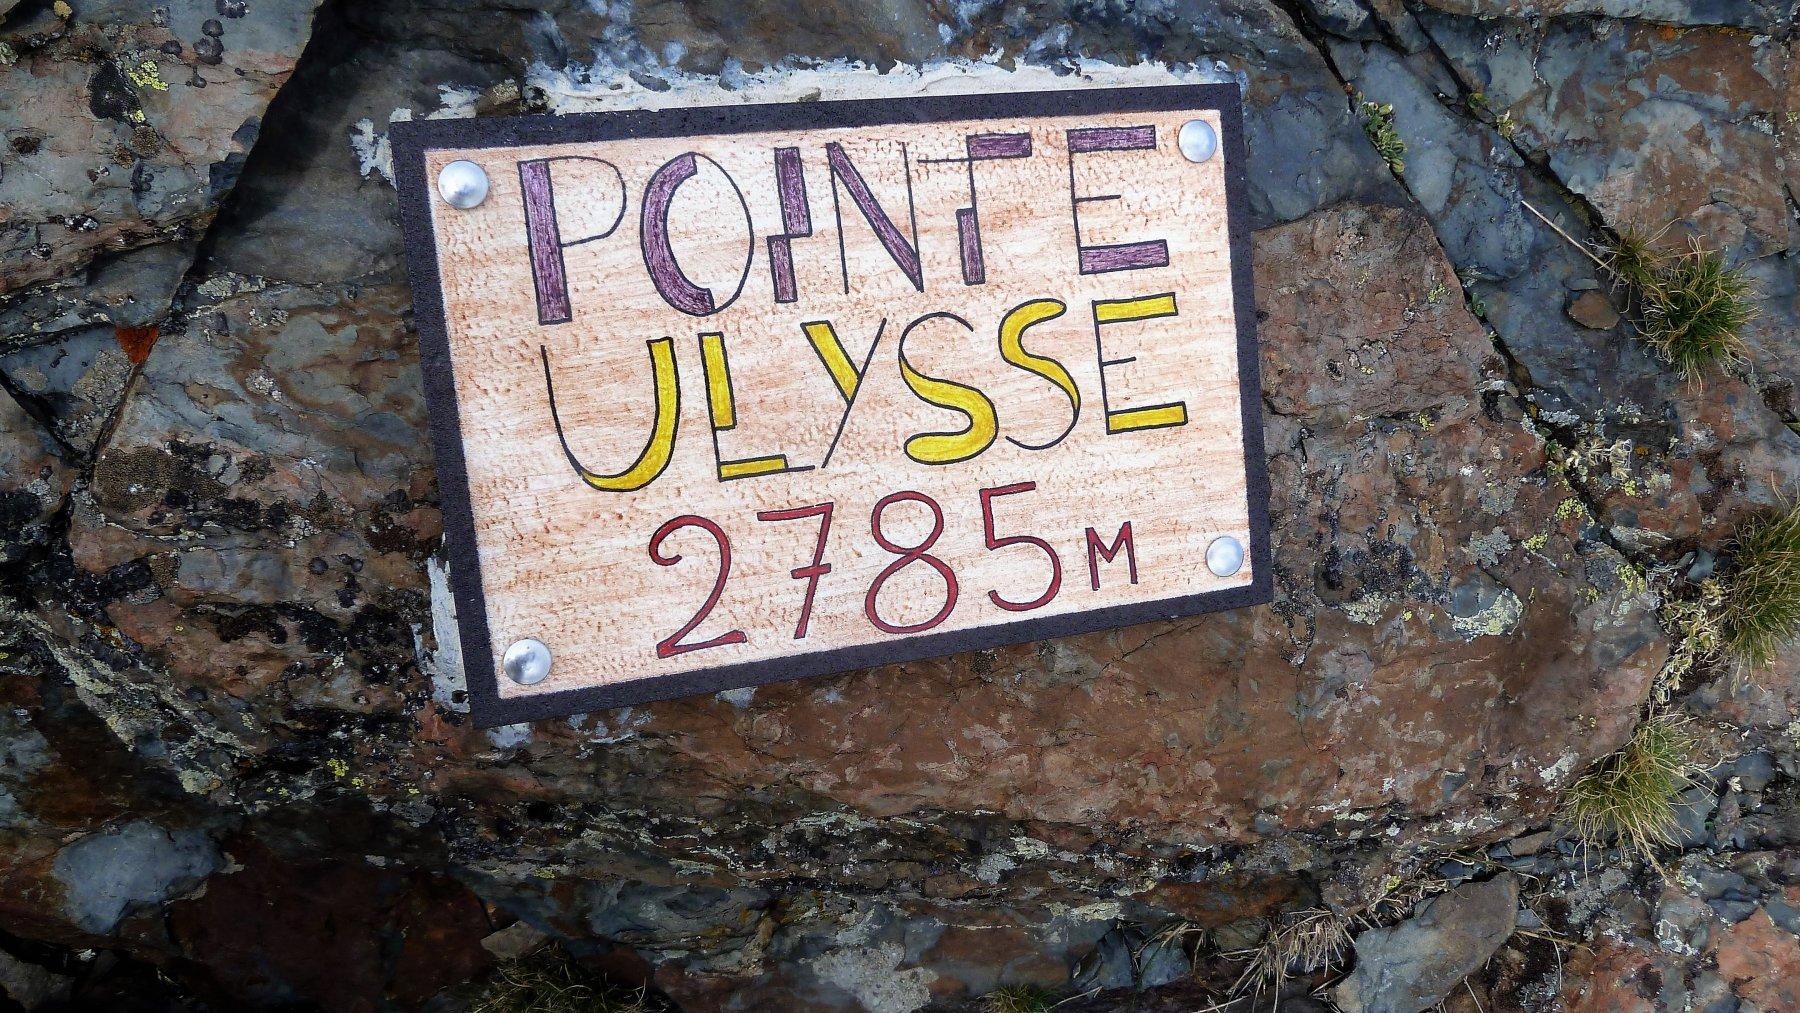 sulla pointe ulysse dove c'è il ripetitore